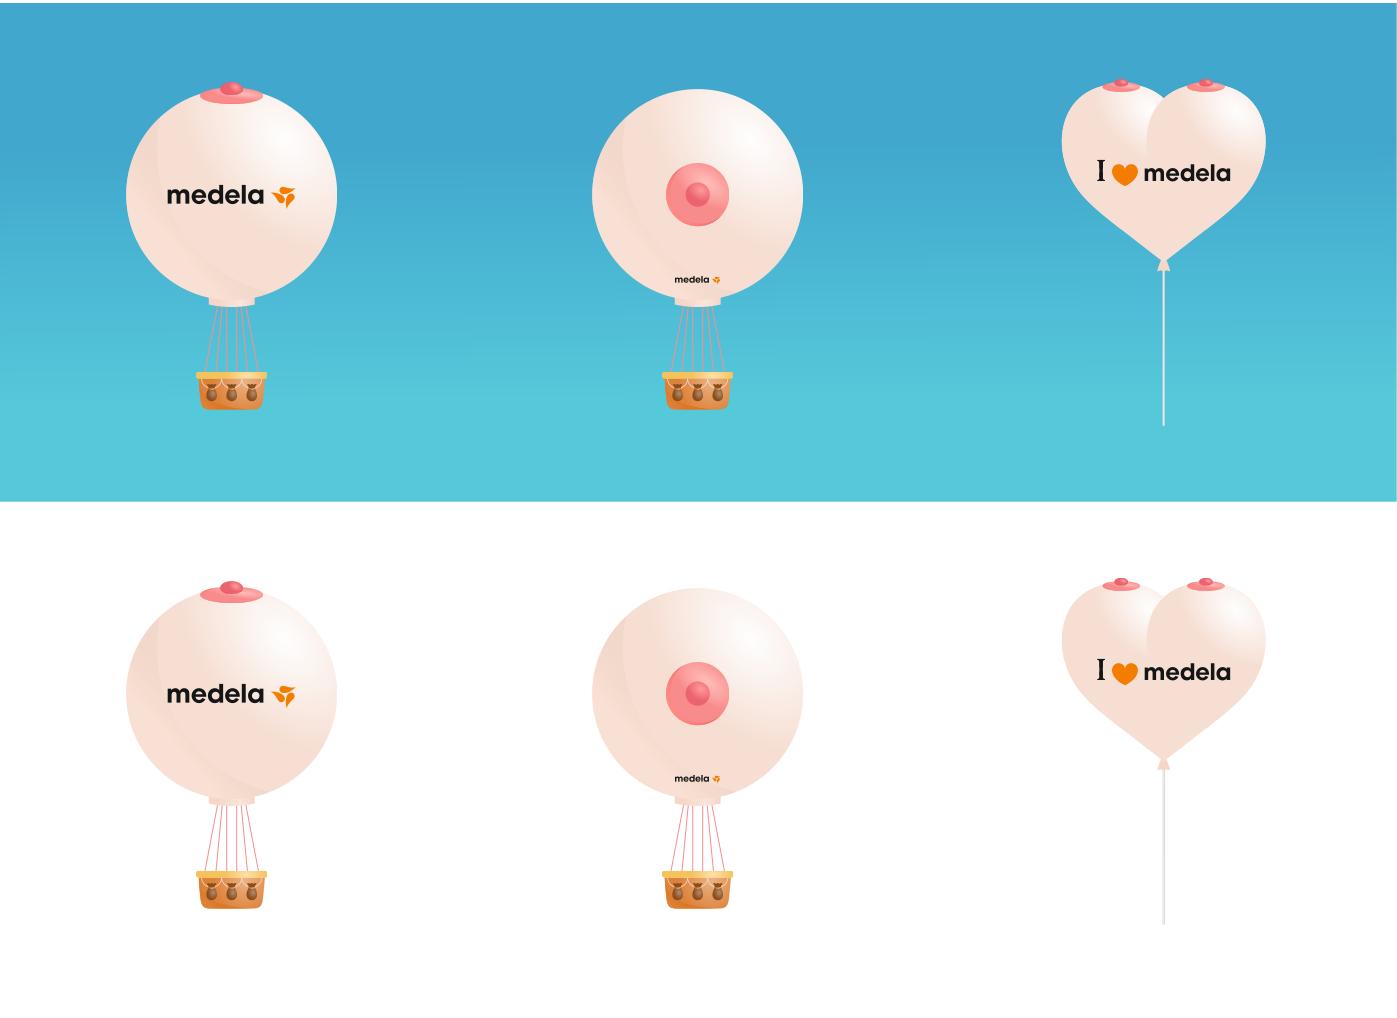 Воздушные шары medela